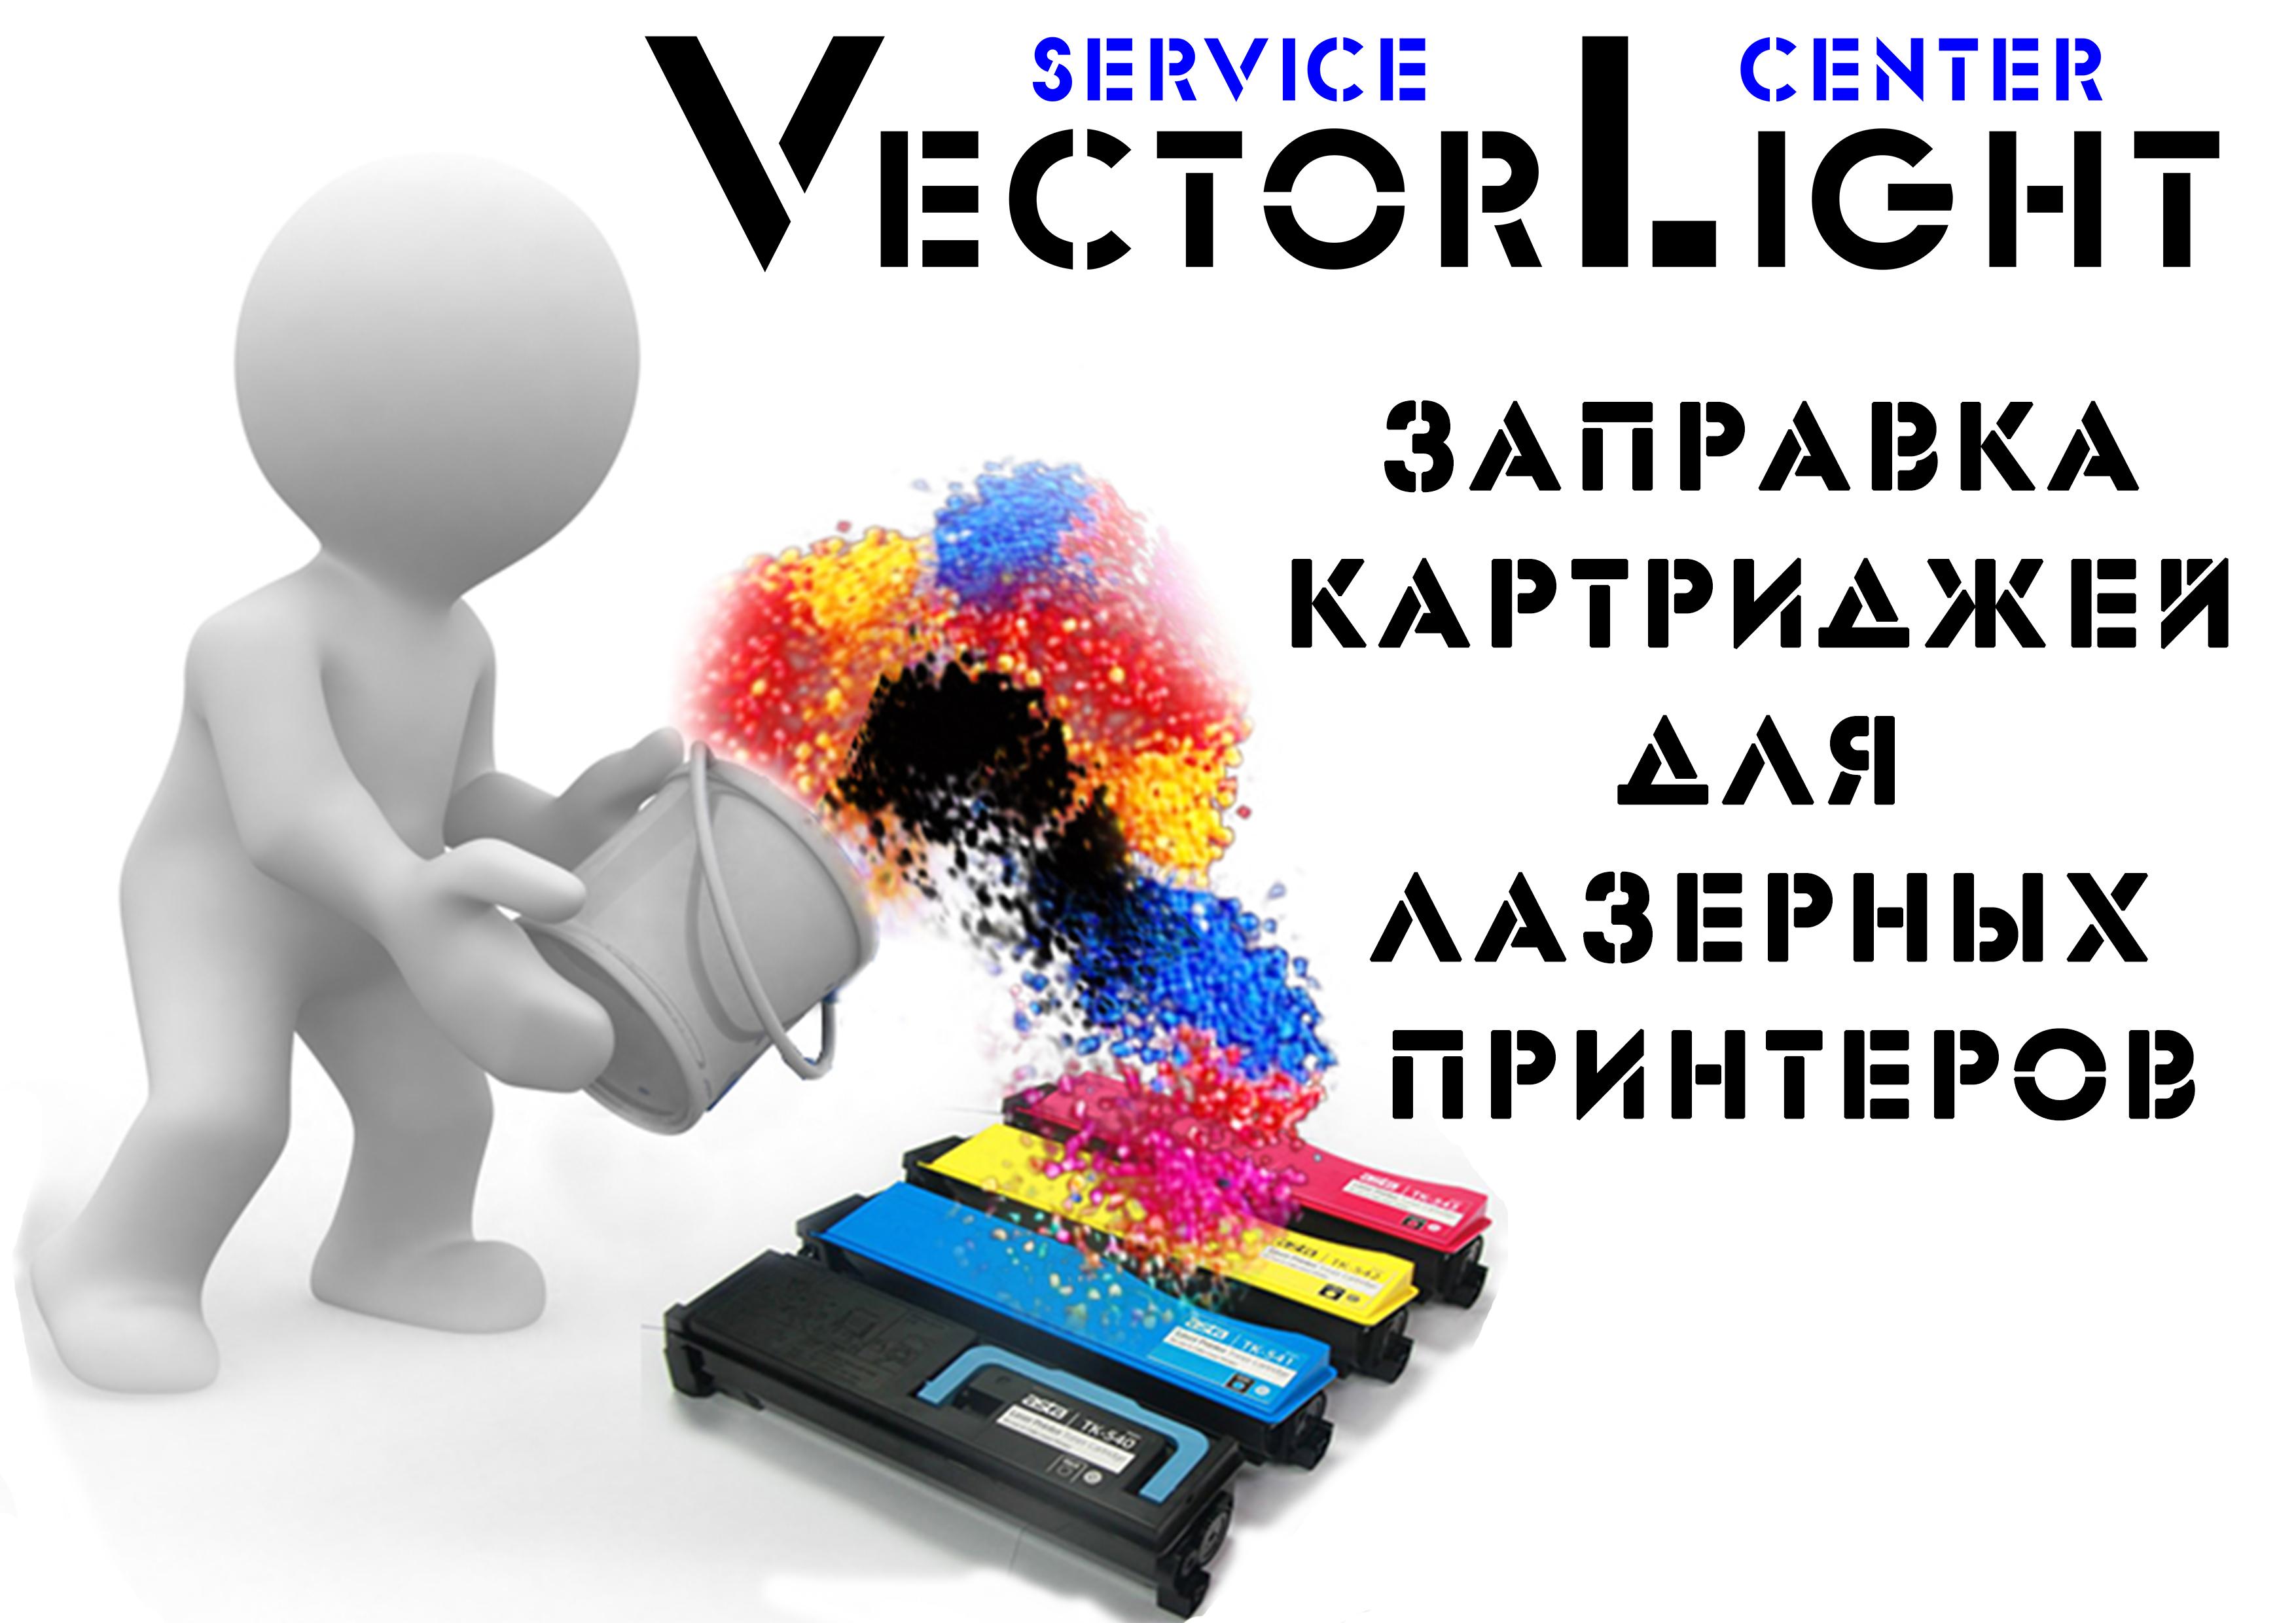 Заправка картриджей Петрозаводск Can